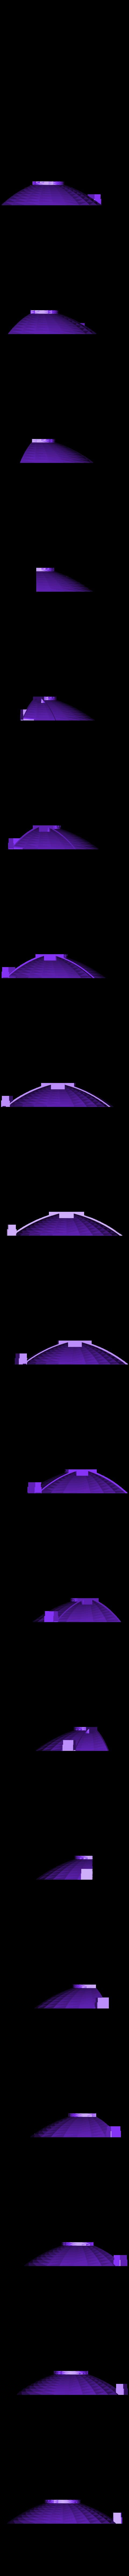 maindish2.stl Télécharger fichier STL gratuit Pionnier • Design pour impression 3D, Slagerqod